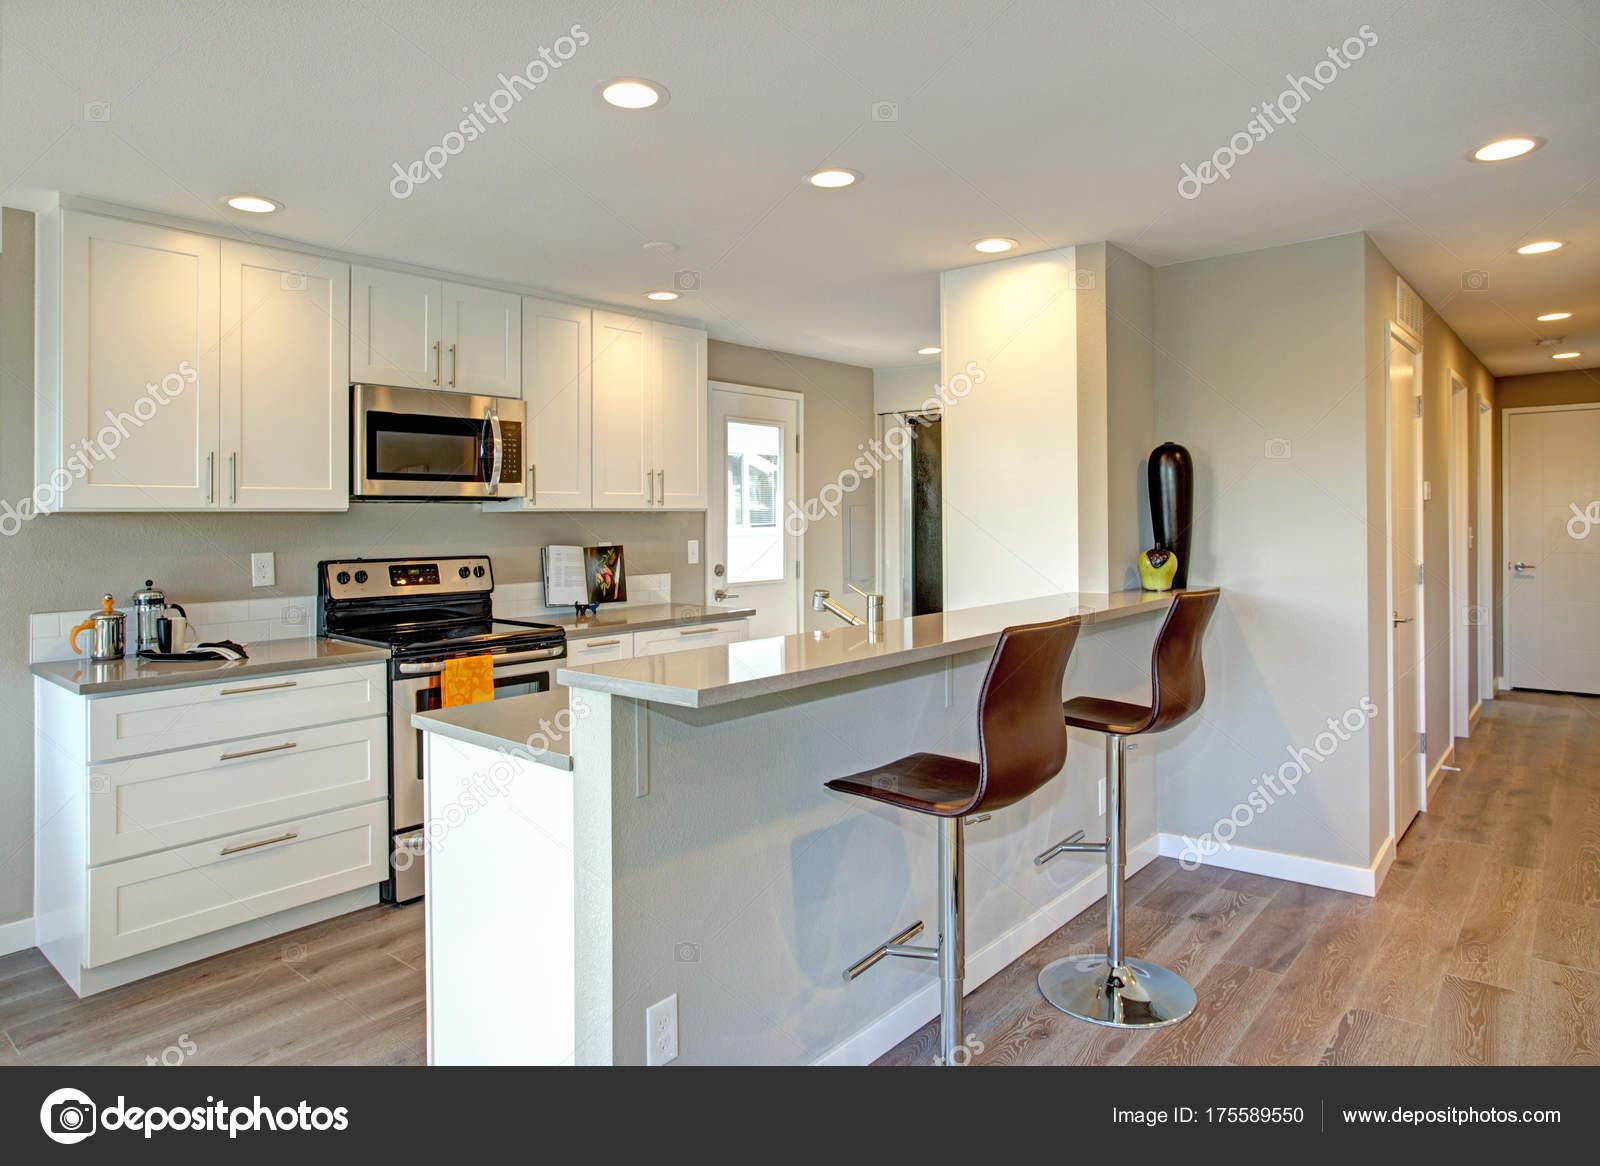 Leicht gefüllte Küche mit weißen Schränke — Stockfoto © alabn #175589550